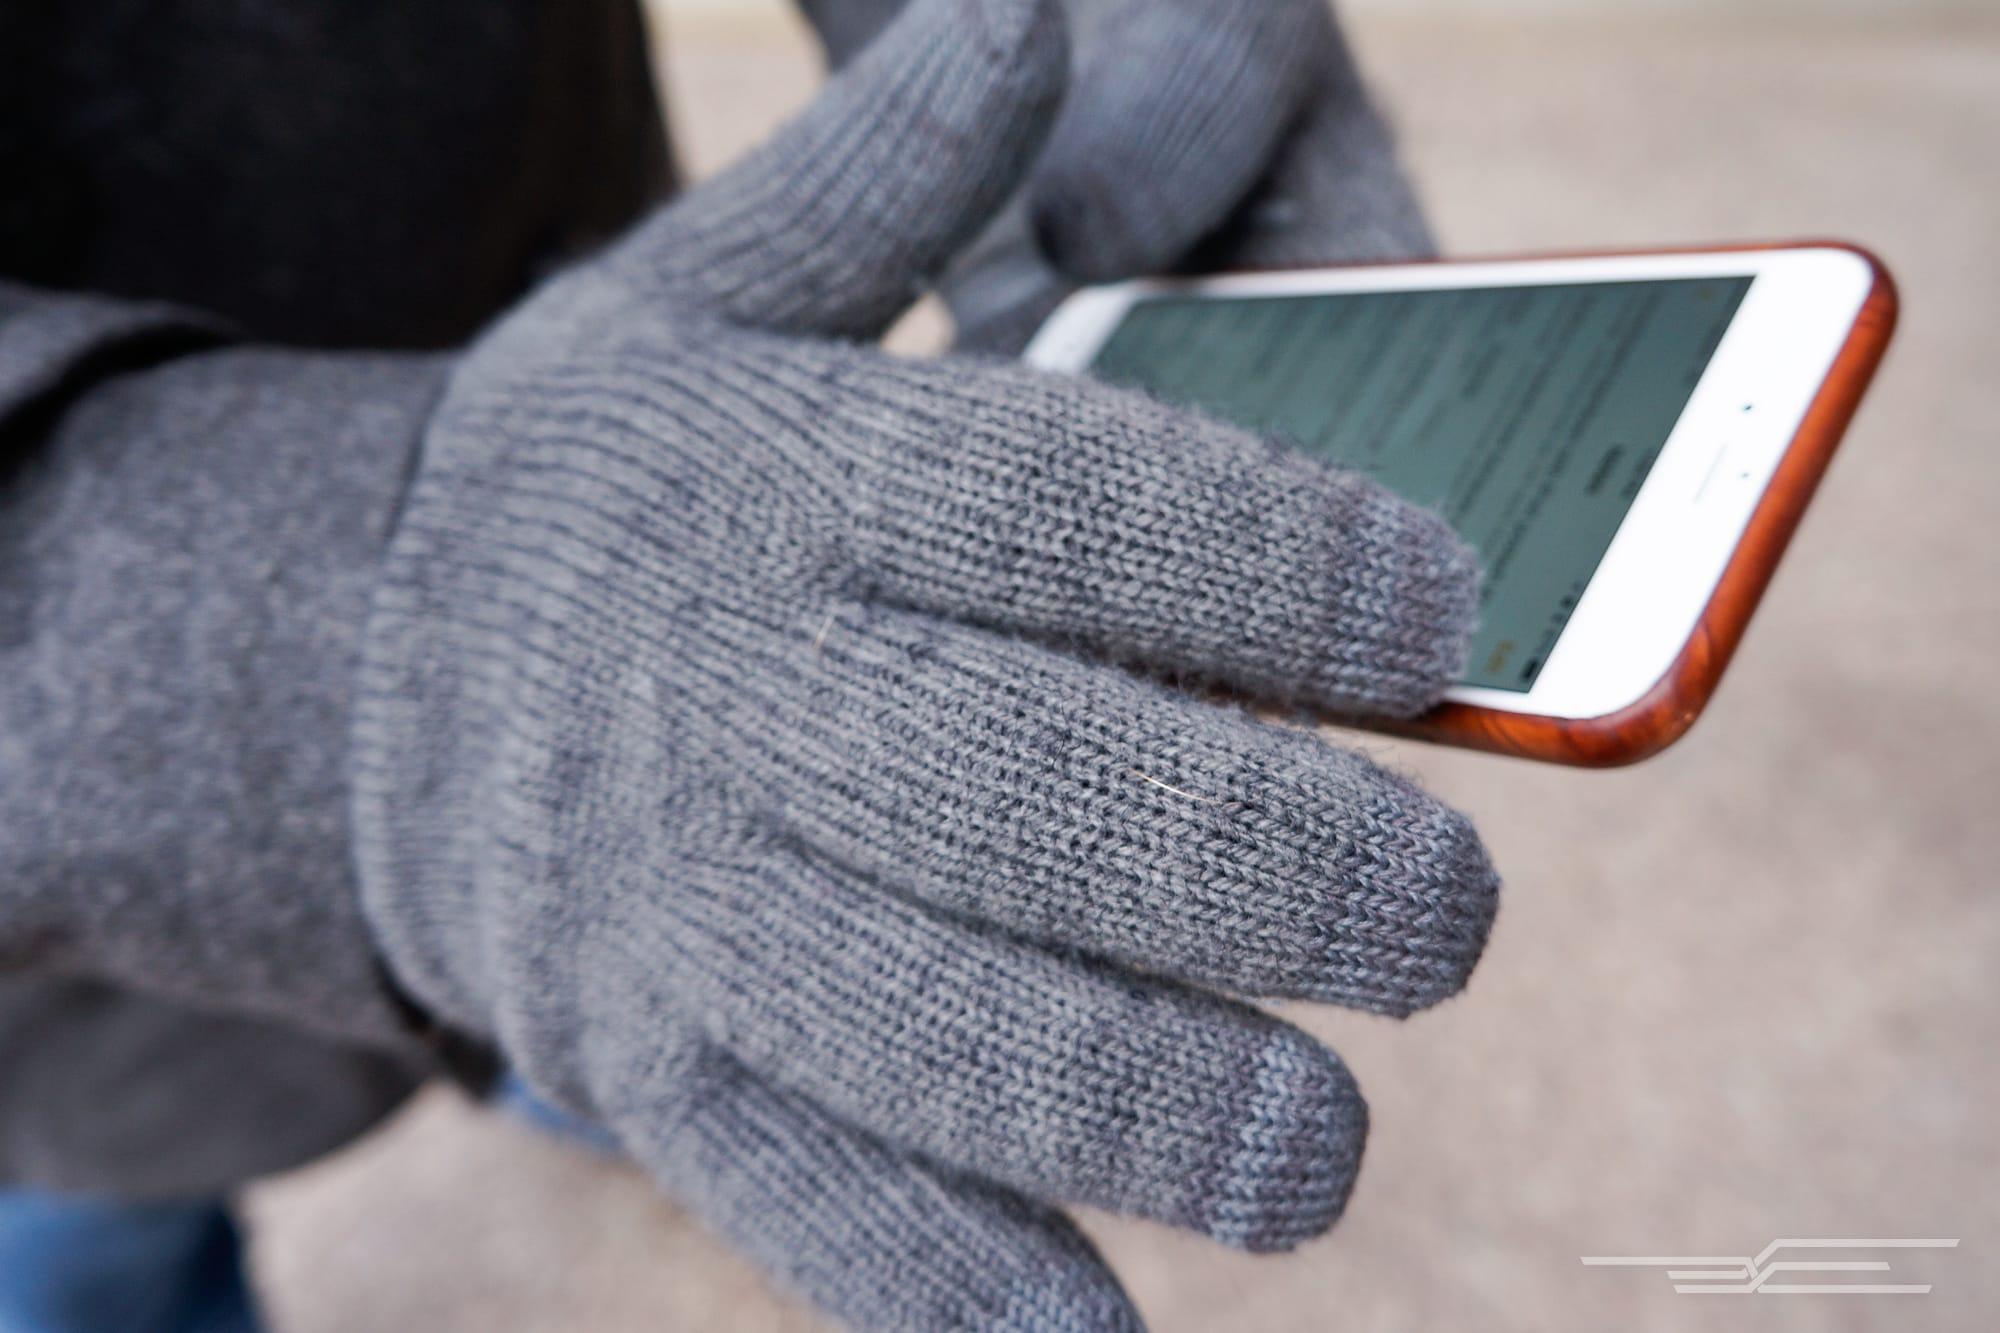 Best Touchscreen Gloves 2020 The best touchscreen winter gloves